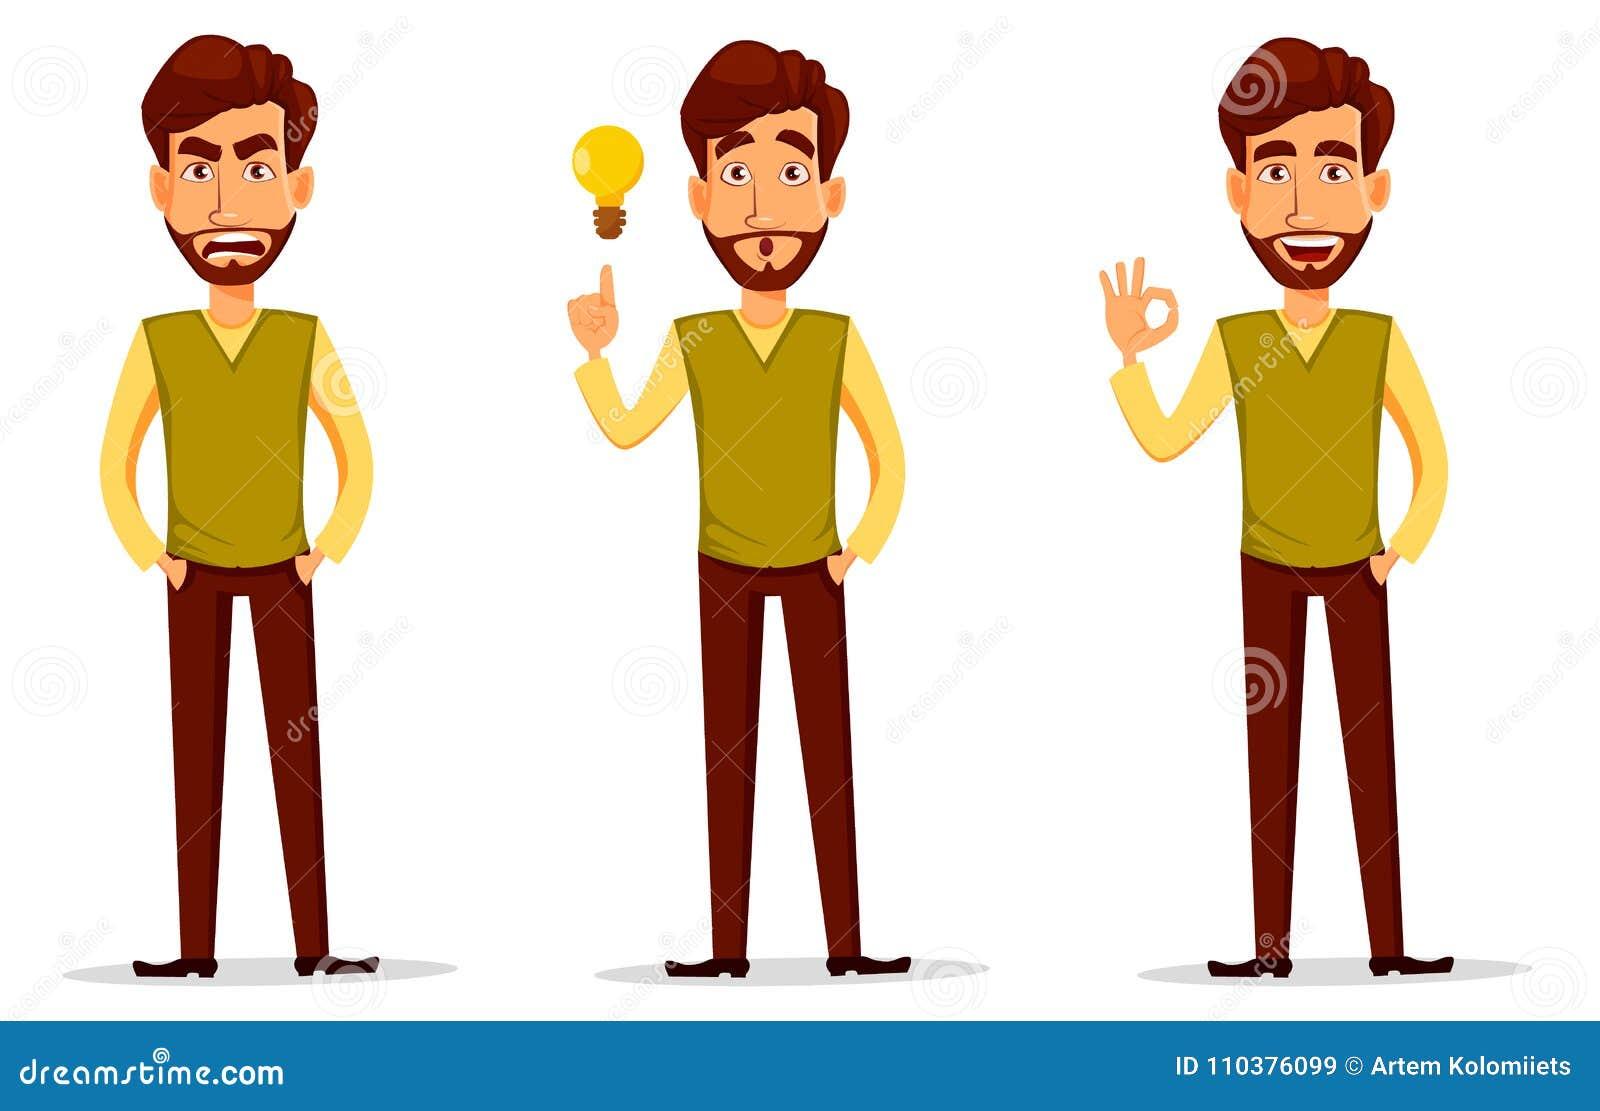 Επιχειρησιακό άτομο με τη γενειάδα, χαρακτήρας κινουμένων σχεδίων - σύνολο